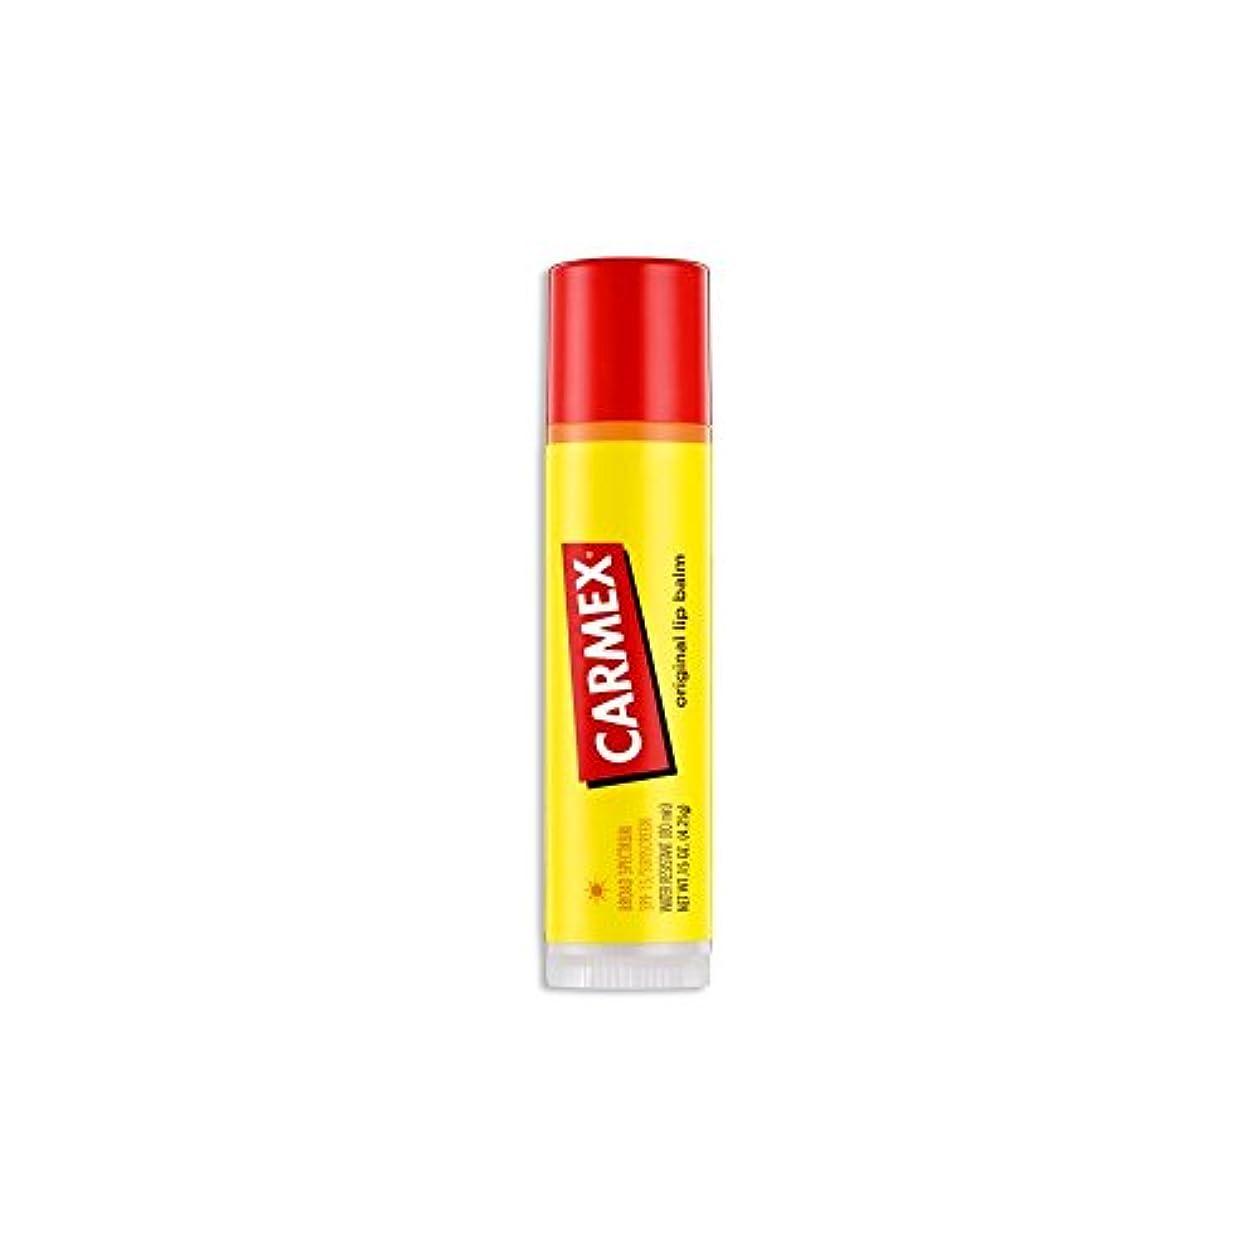 肌寒いアラブ人放置(3 Pack) CARMEX Original Flavor Sticks Original (並行輸入品)